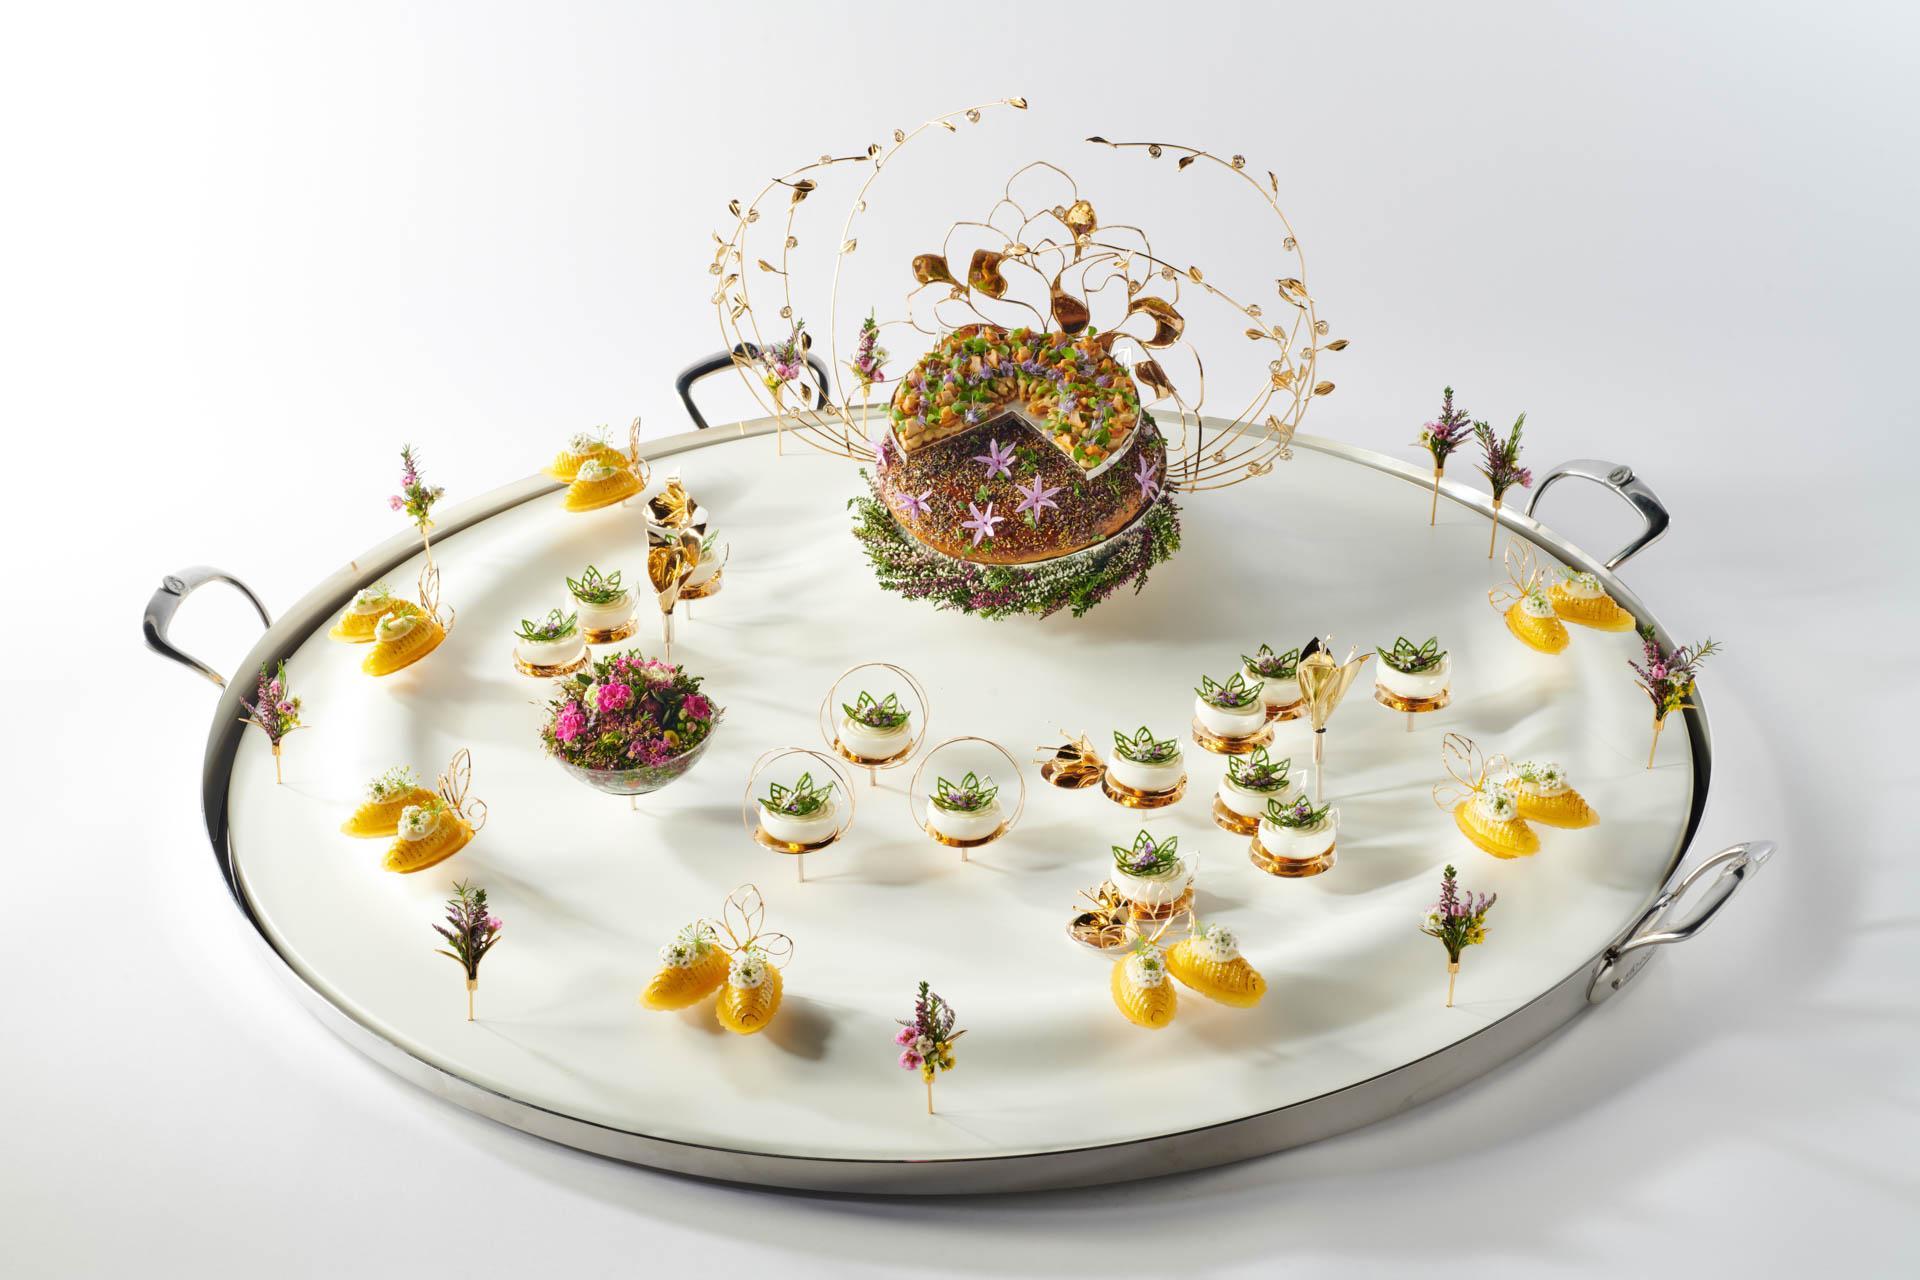 Bocuse d'Or 2021 Platter Iceland